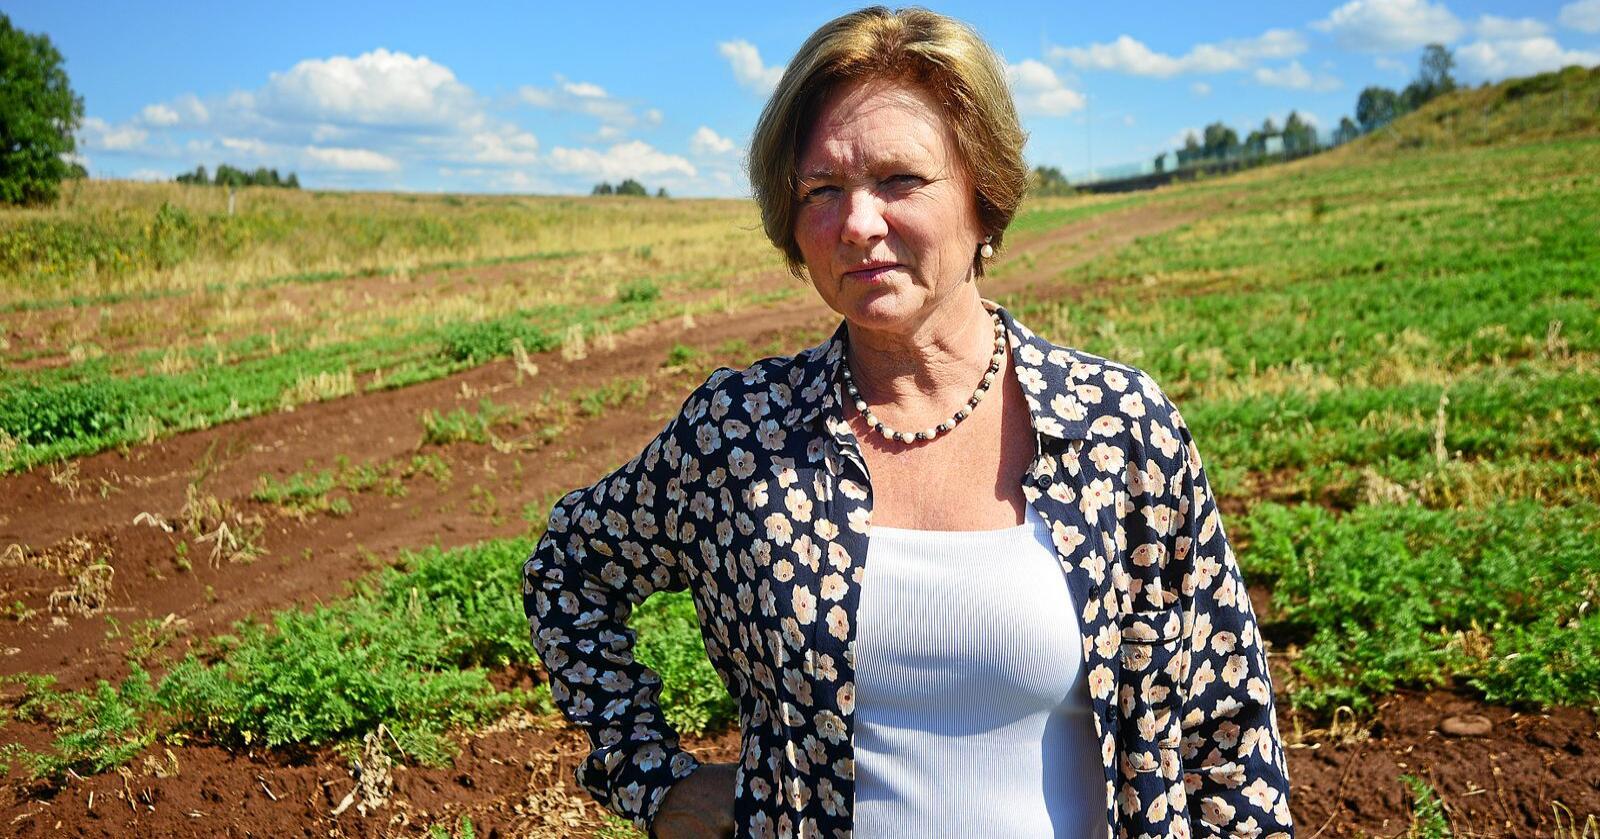 Elisabeth Morthen berømmer både Bama og handelen for å ha prioritert norskproduserte varer denne sesongen. Foto: Siri Juell Rasmussen